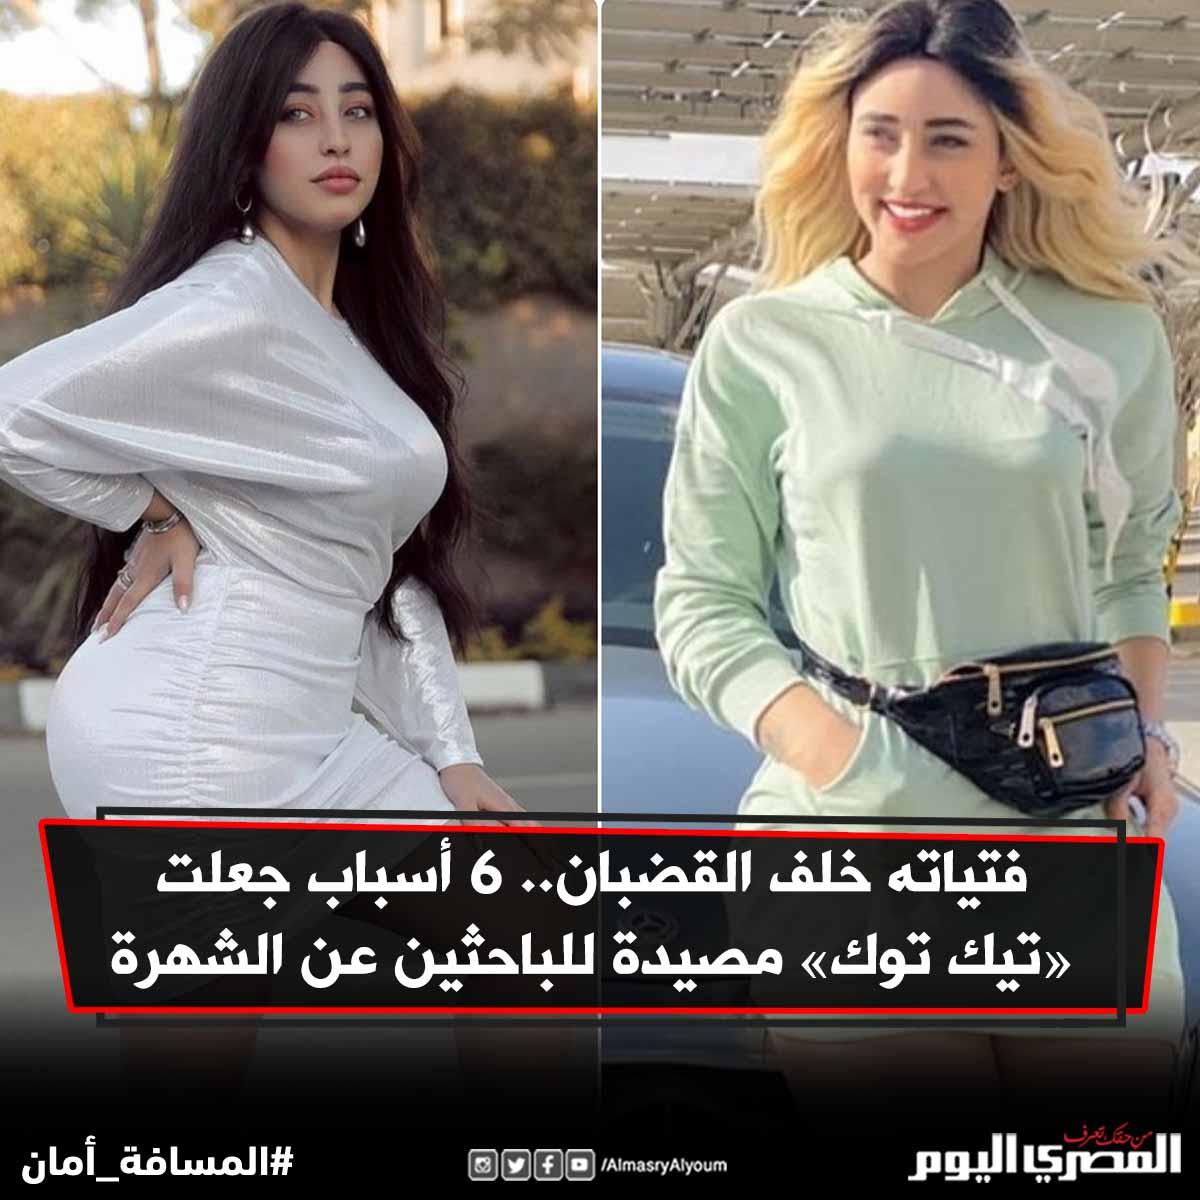 ريناد عماد قبل الشهرة